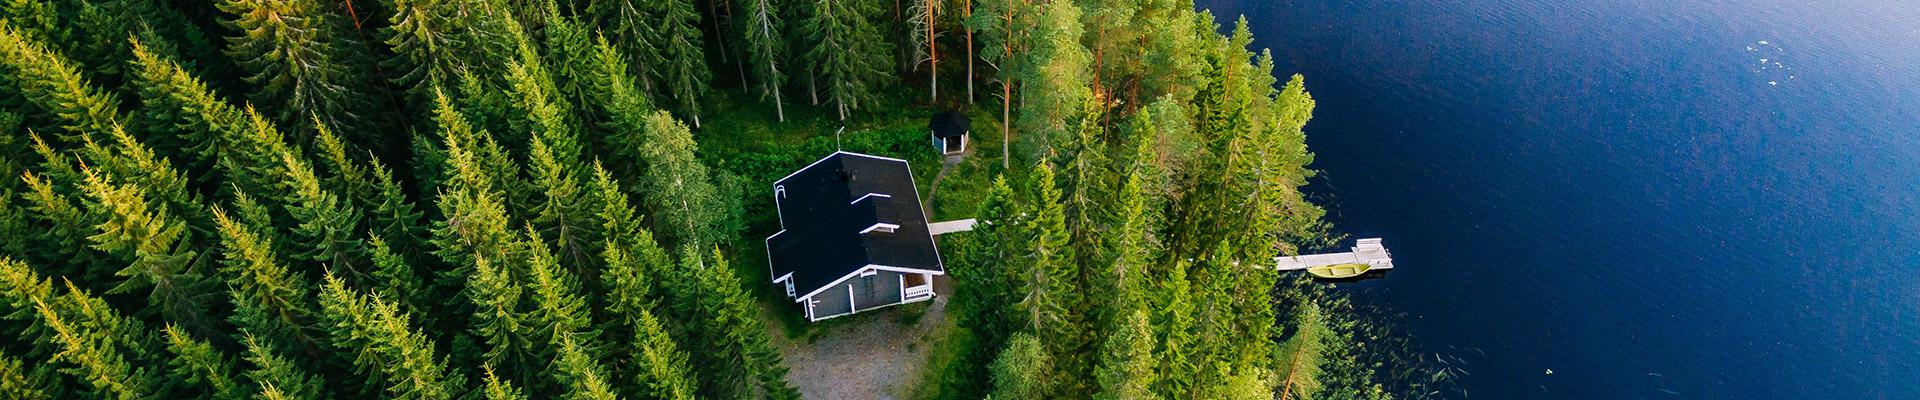 La sauna finlandese: cultura, riti e tradizioni